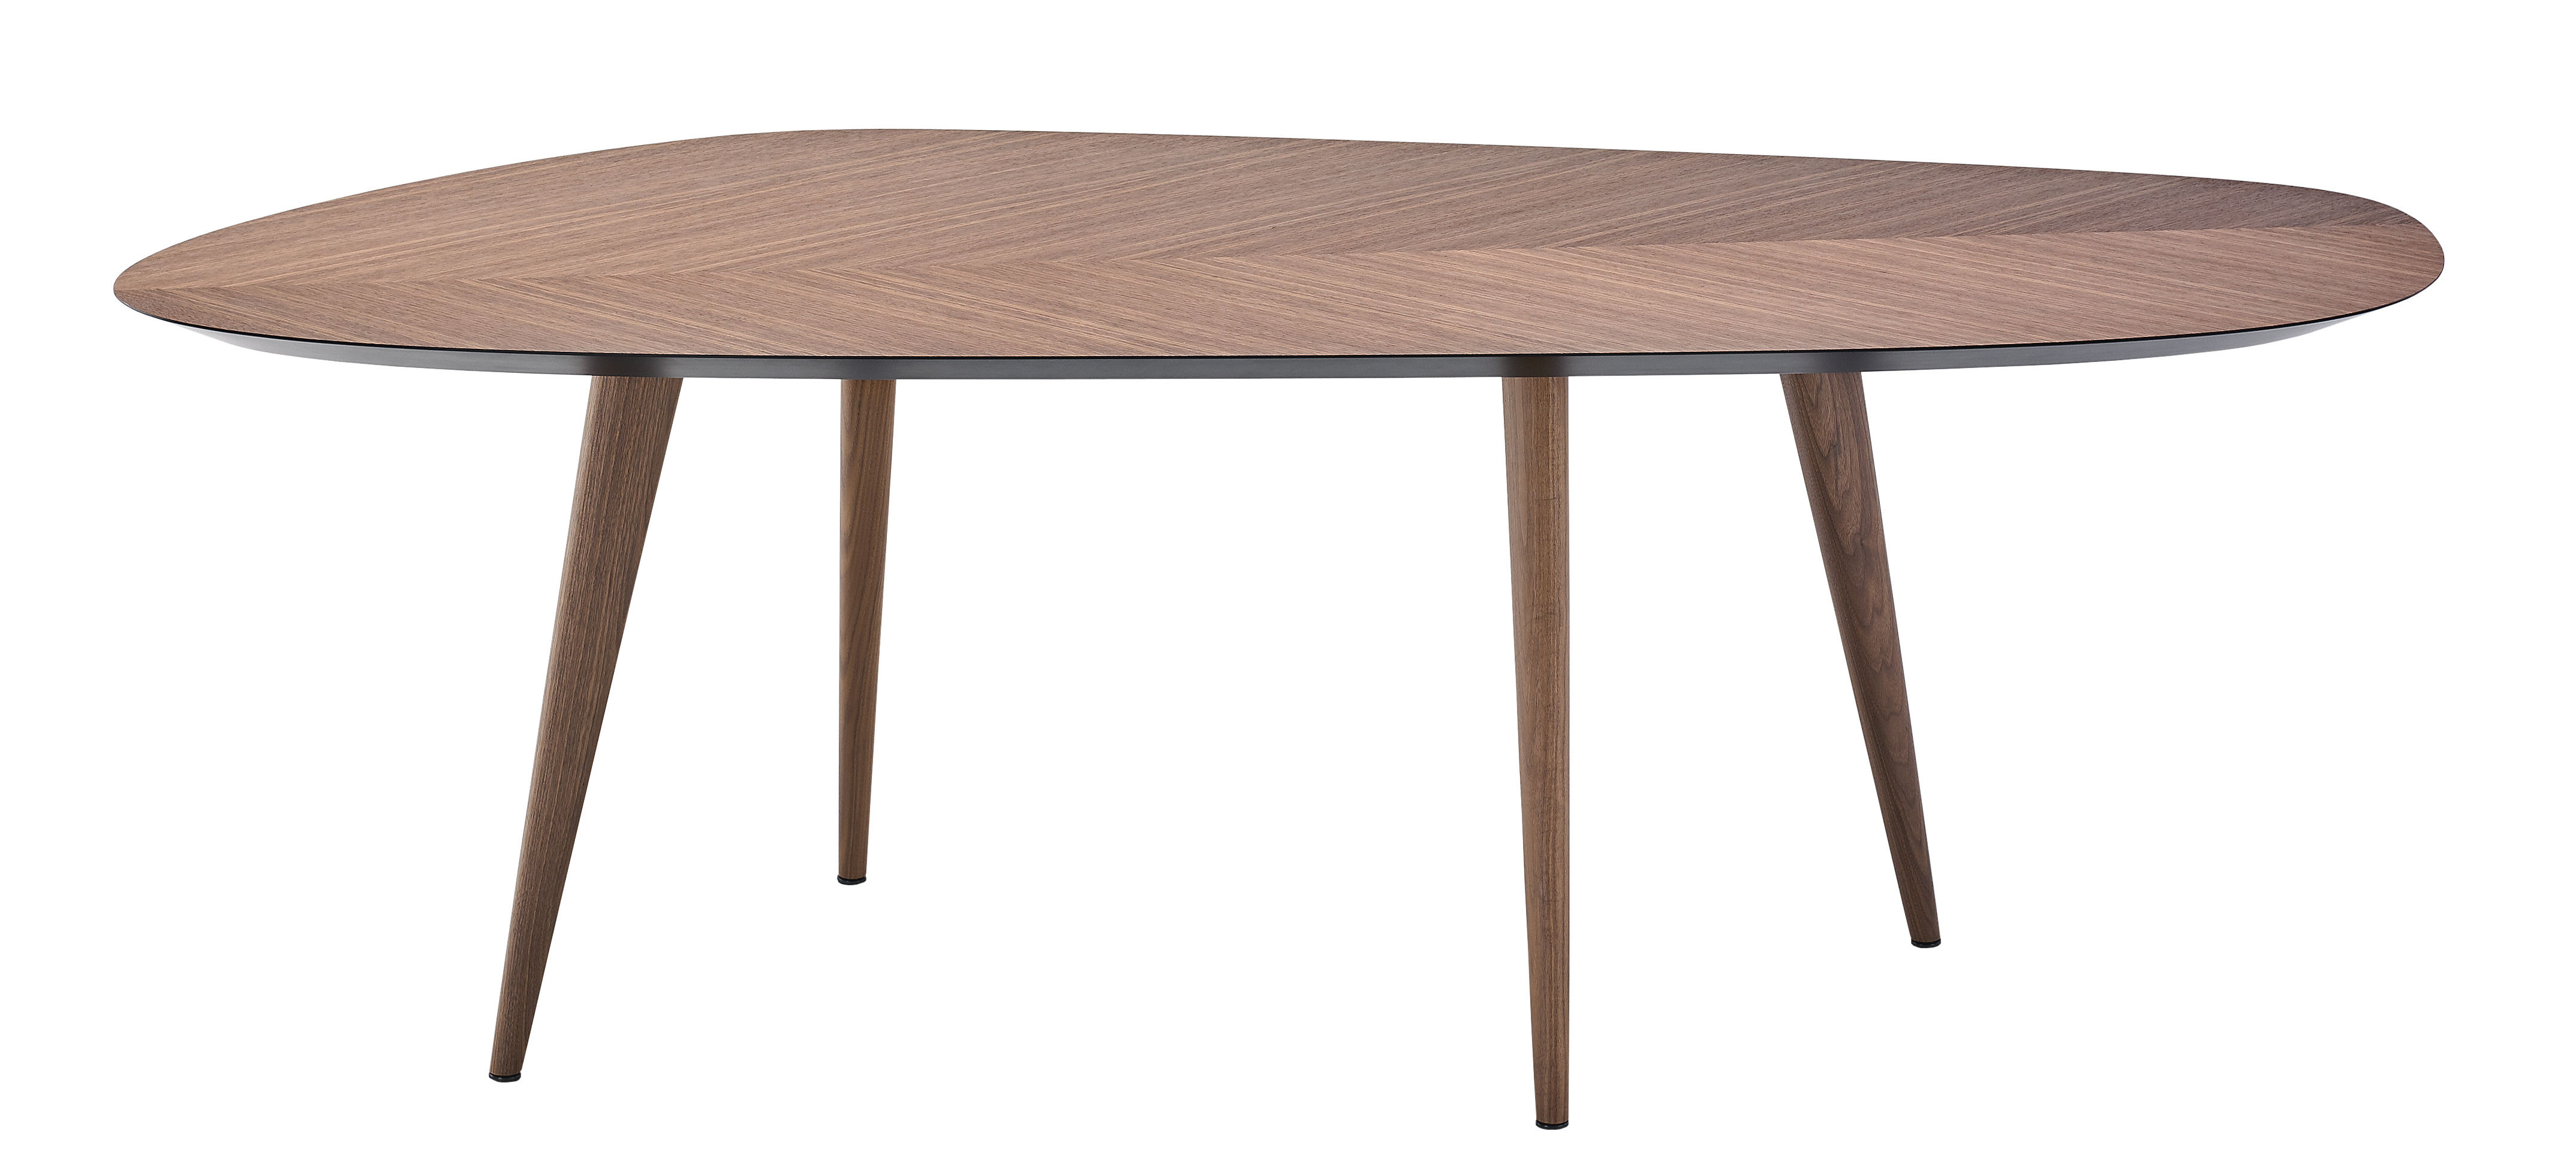 Zanotta Outdoor Table